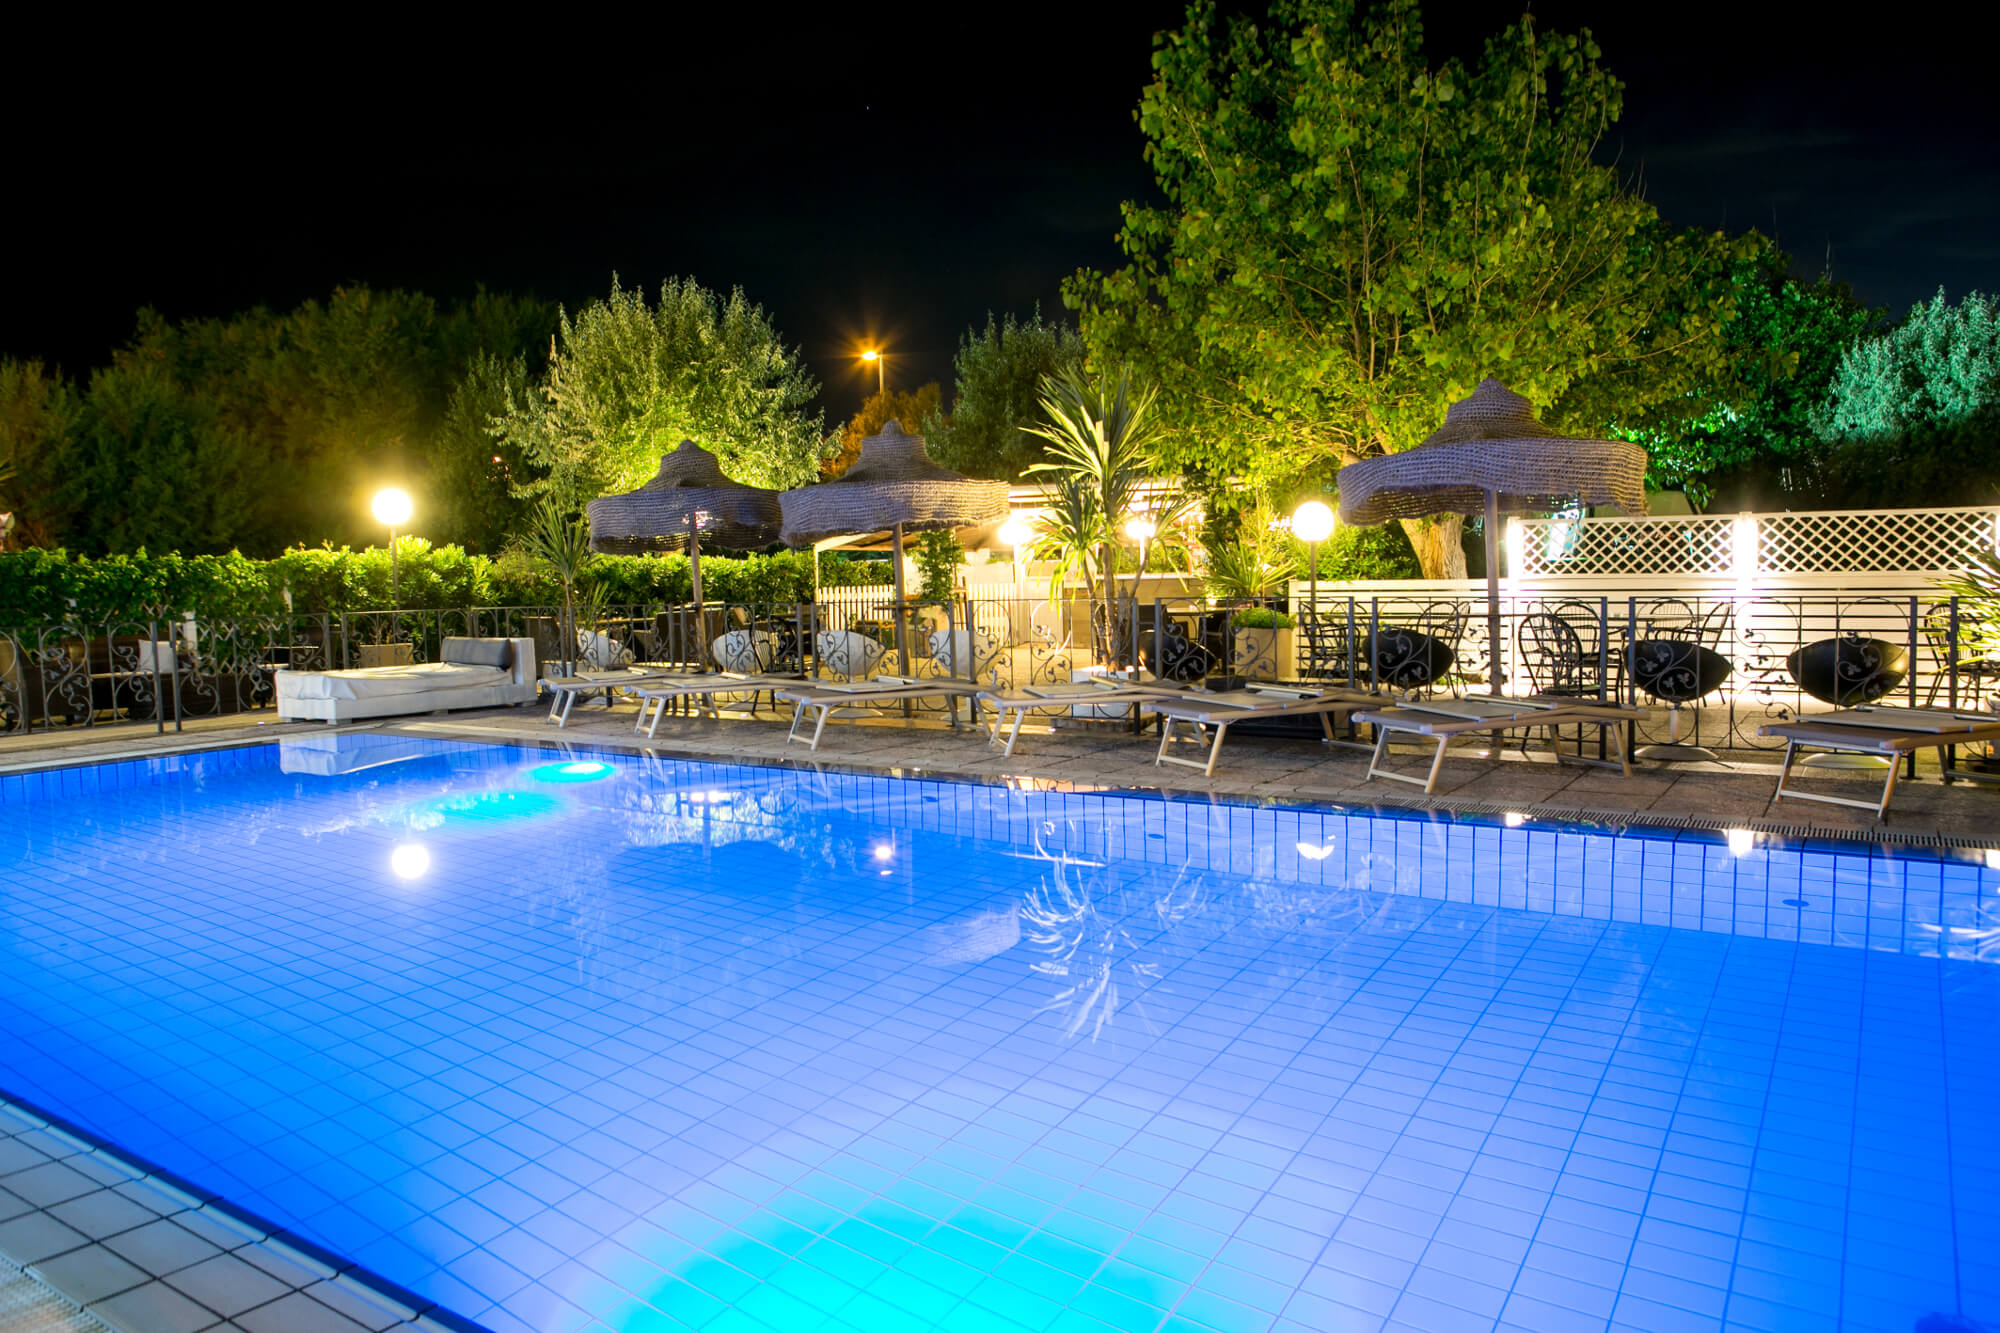 Hotel con piscina a riccione goditi il relax nell albergo for Hotel con piscina